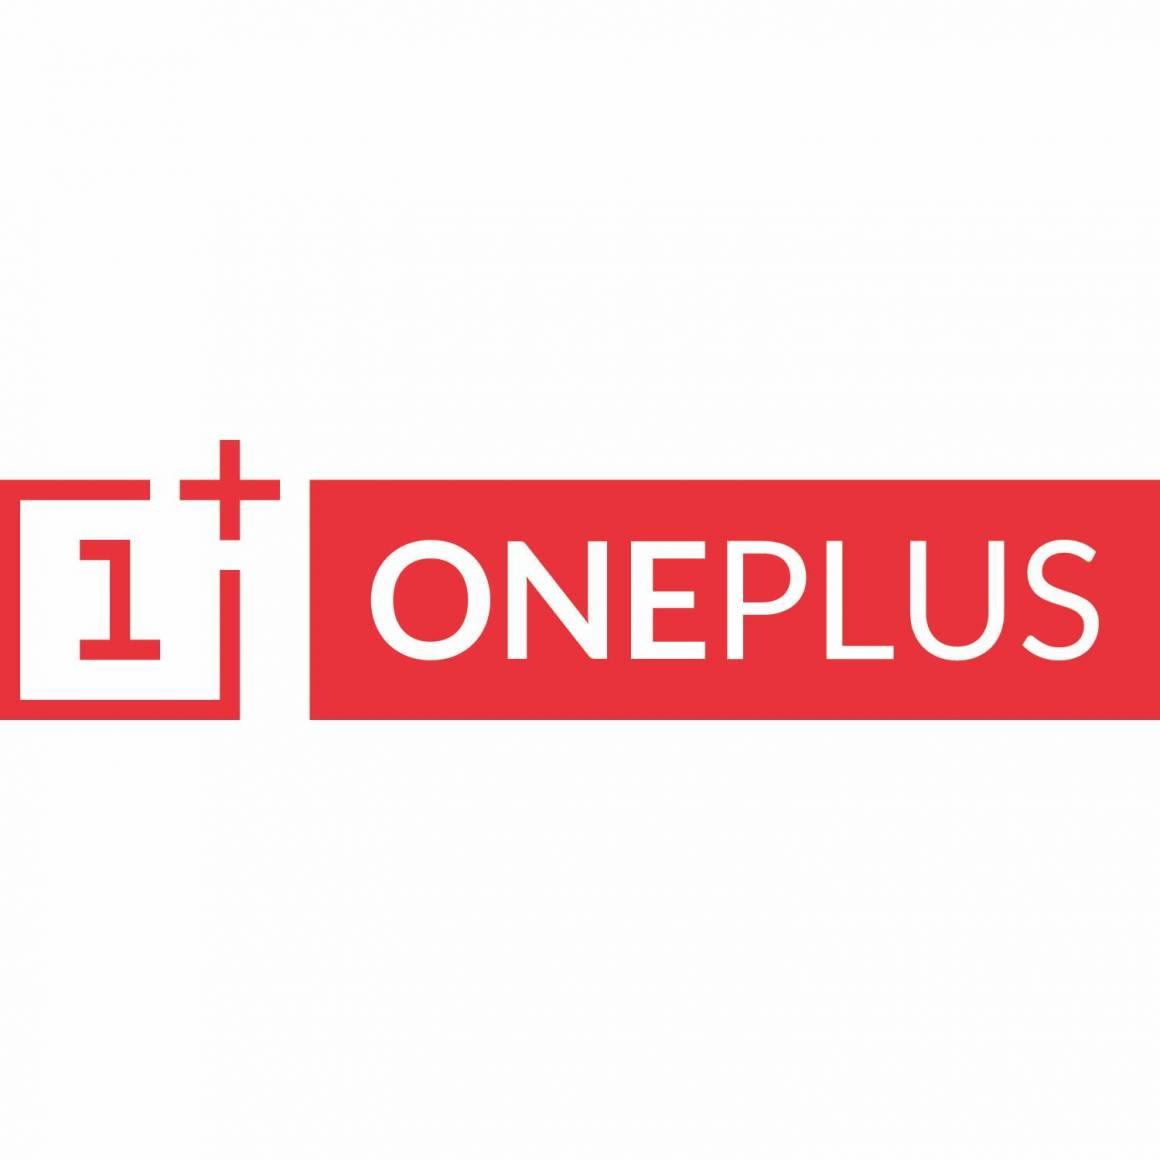 oneplus logo big 1160x1160 - OnePlus 5T, il falso annuncio del debutto. Ultime indiscrezioni